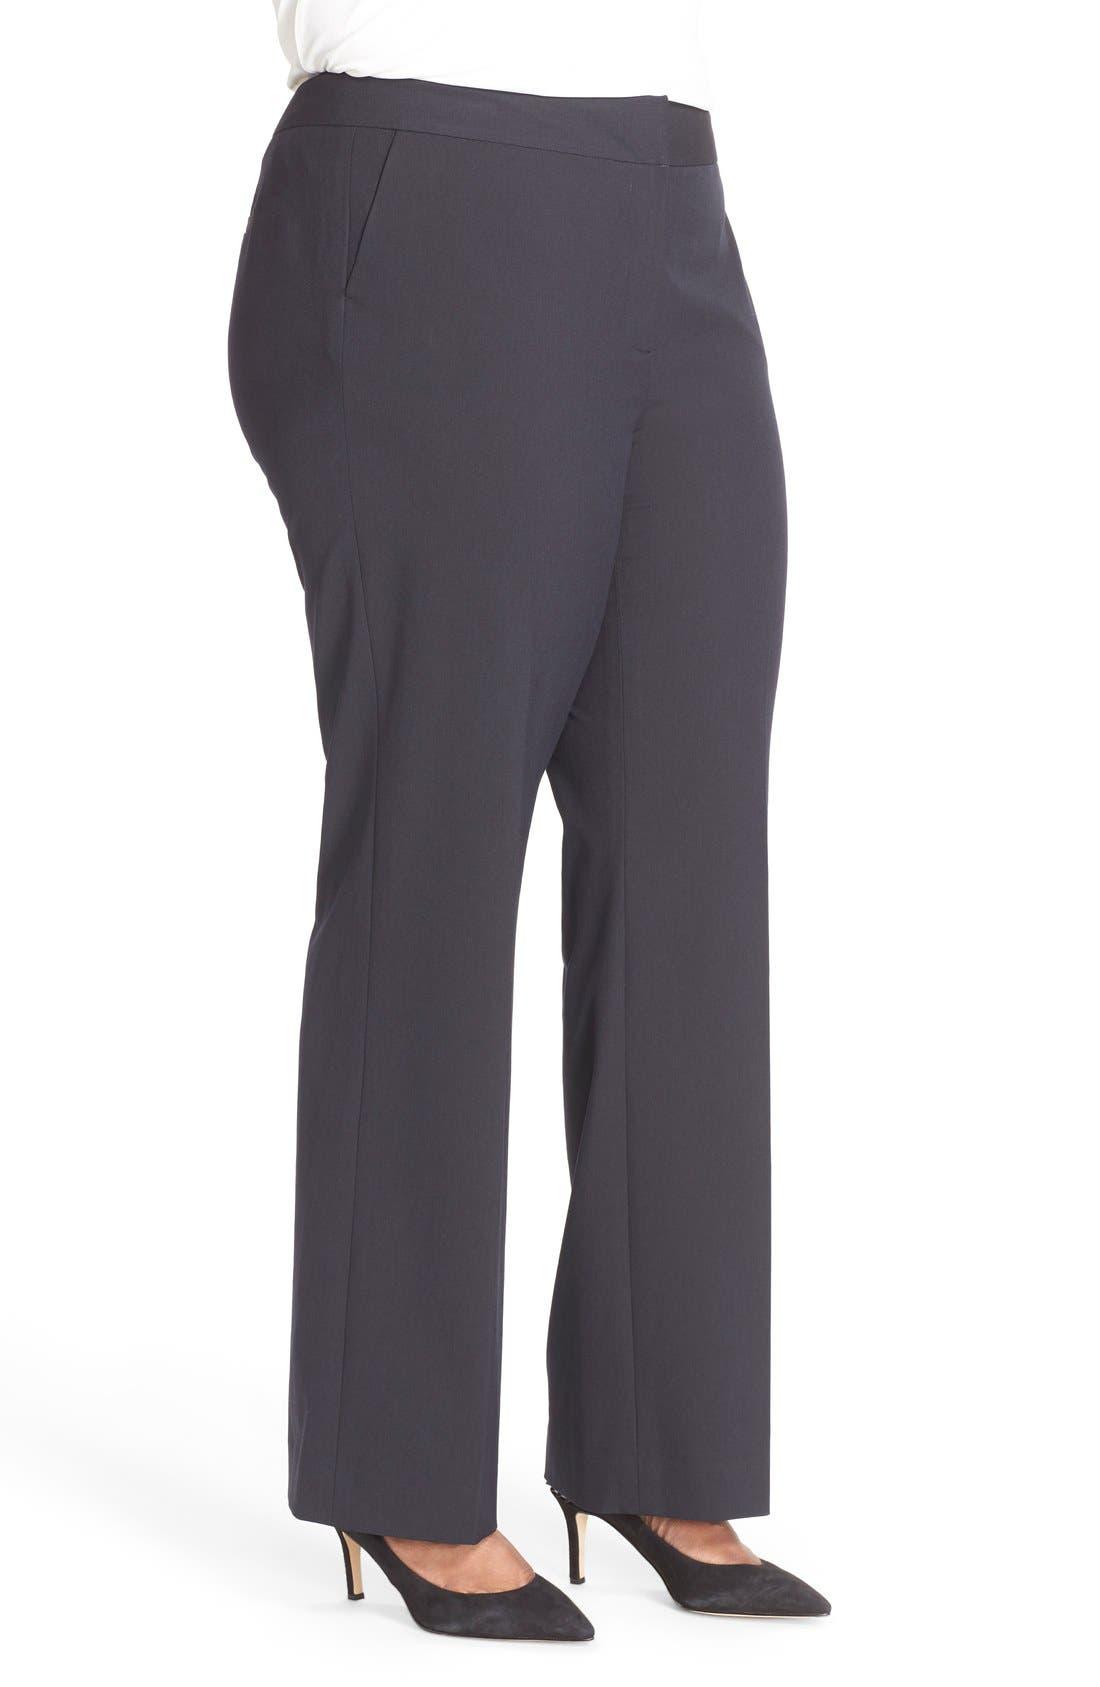 Alternate Image 3  - Sejour 'Ela' Stretch Curvy Fit Wide Leg Suit Pants (Plus Size & Petite Plus)